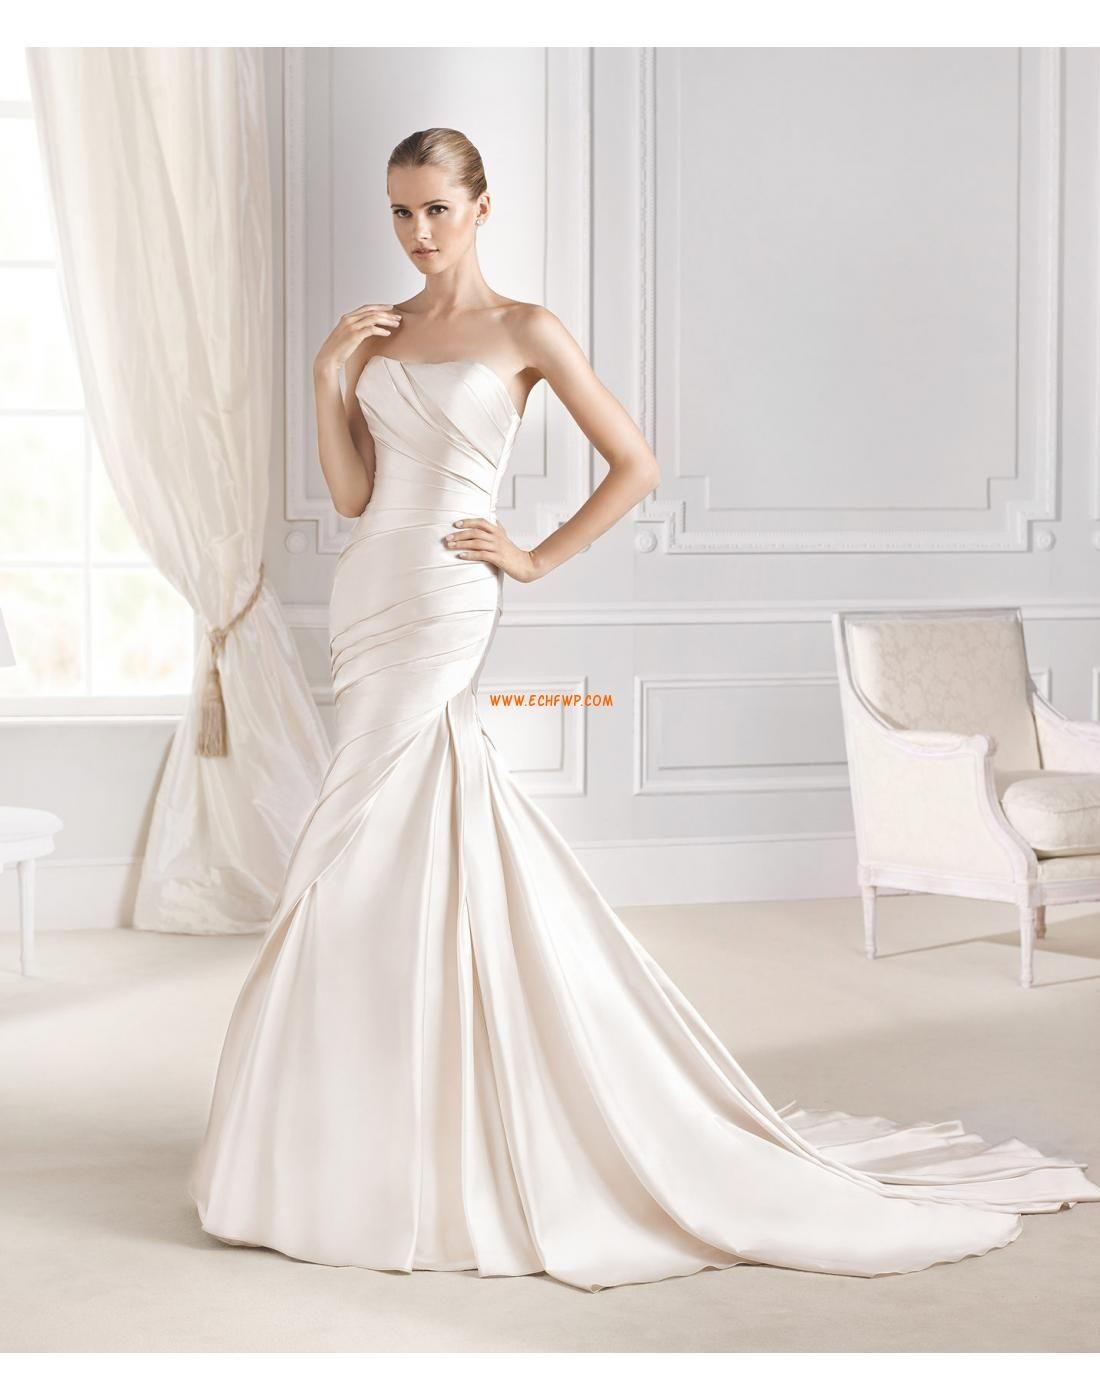 Meerjungfrau-Linie/Mermaid-Stil Taft Elegant & Luxuriös Brautkleider ...